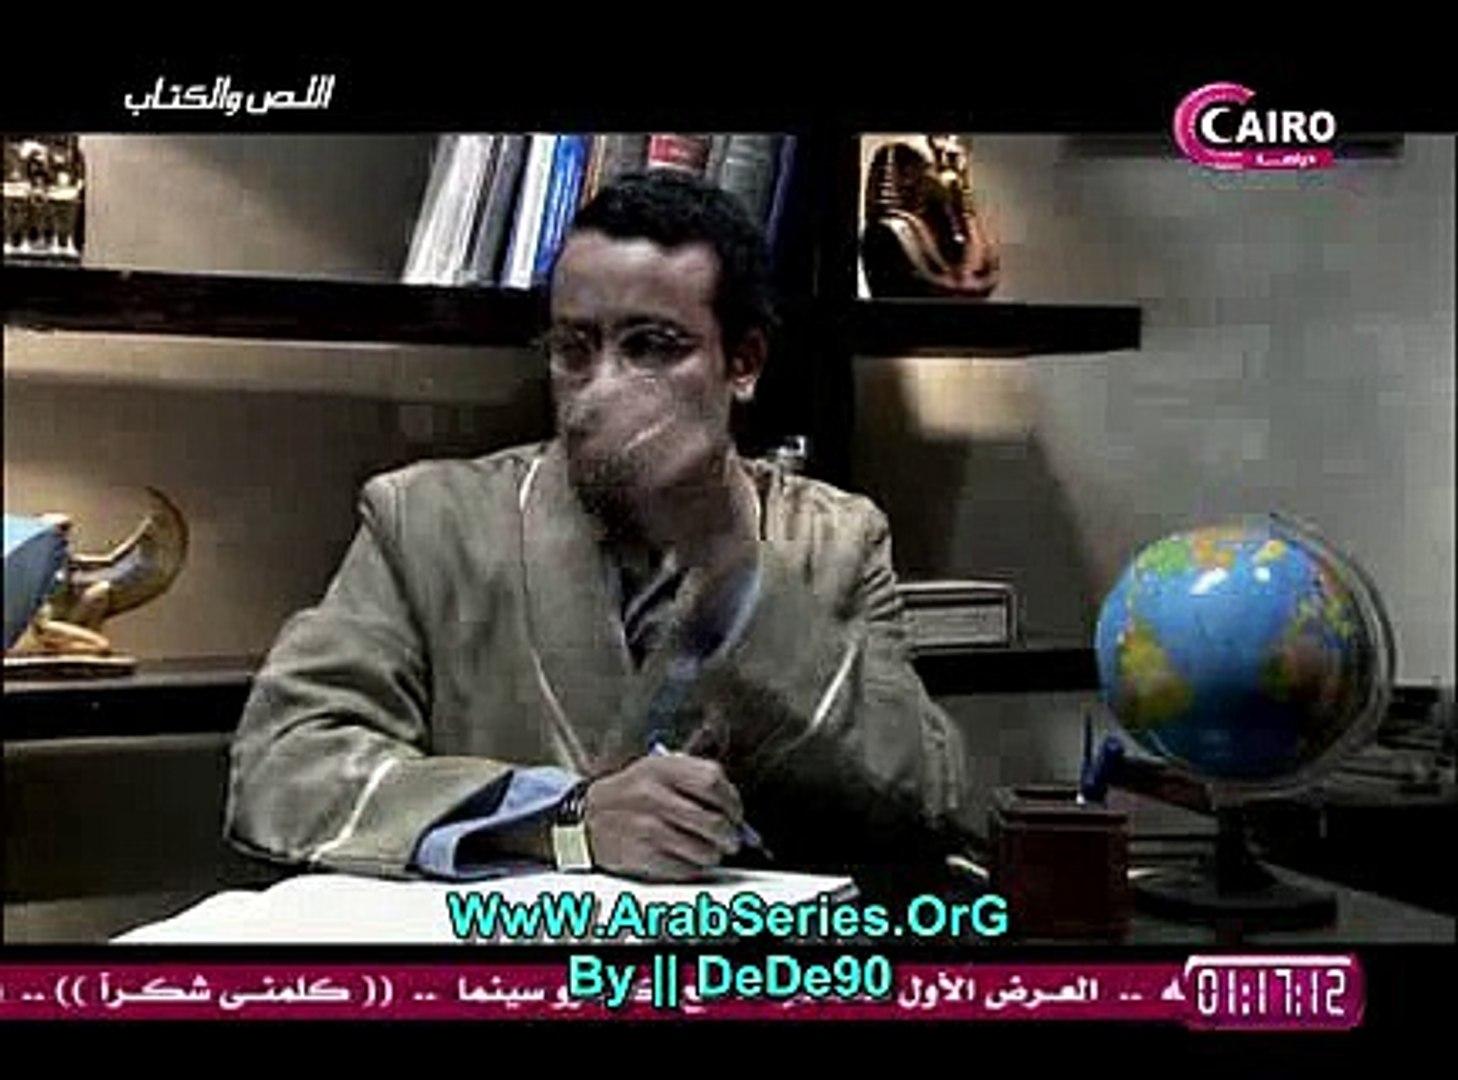 مسلسل اللص و الكتاب الحلقه 25 ج3